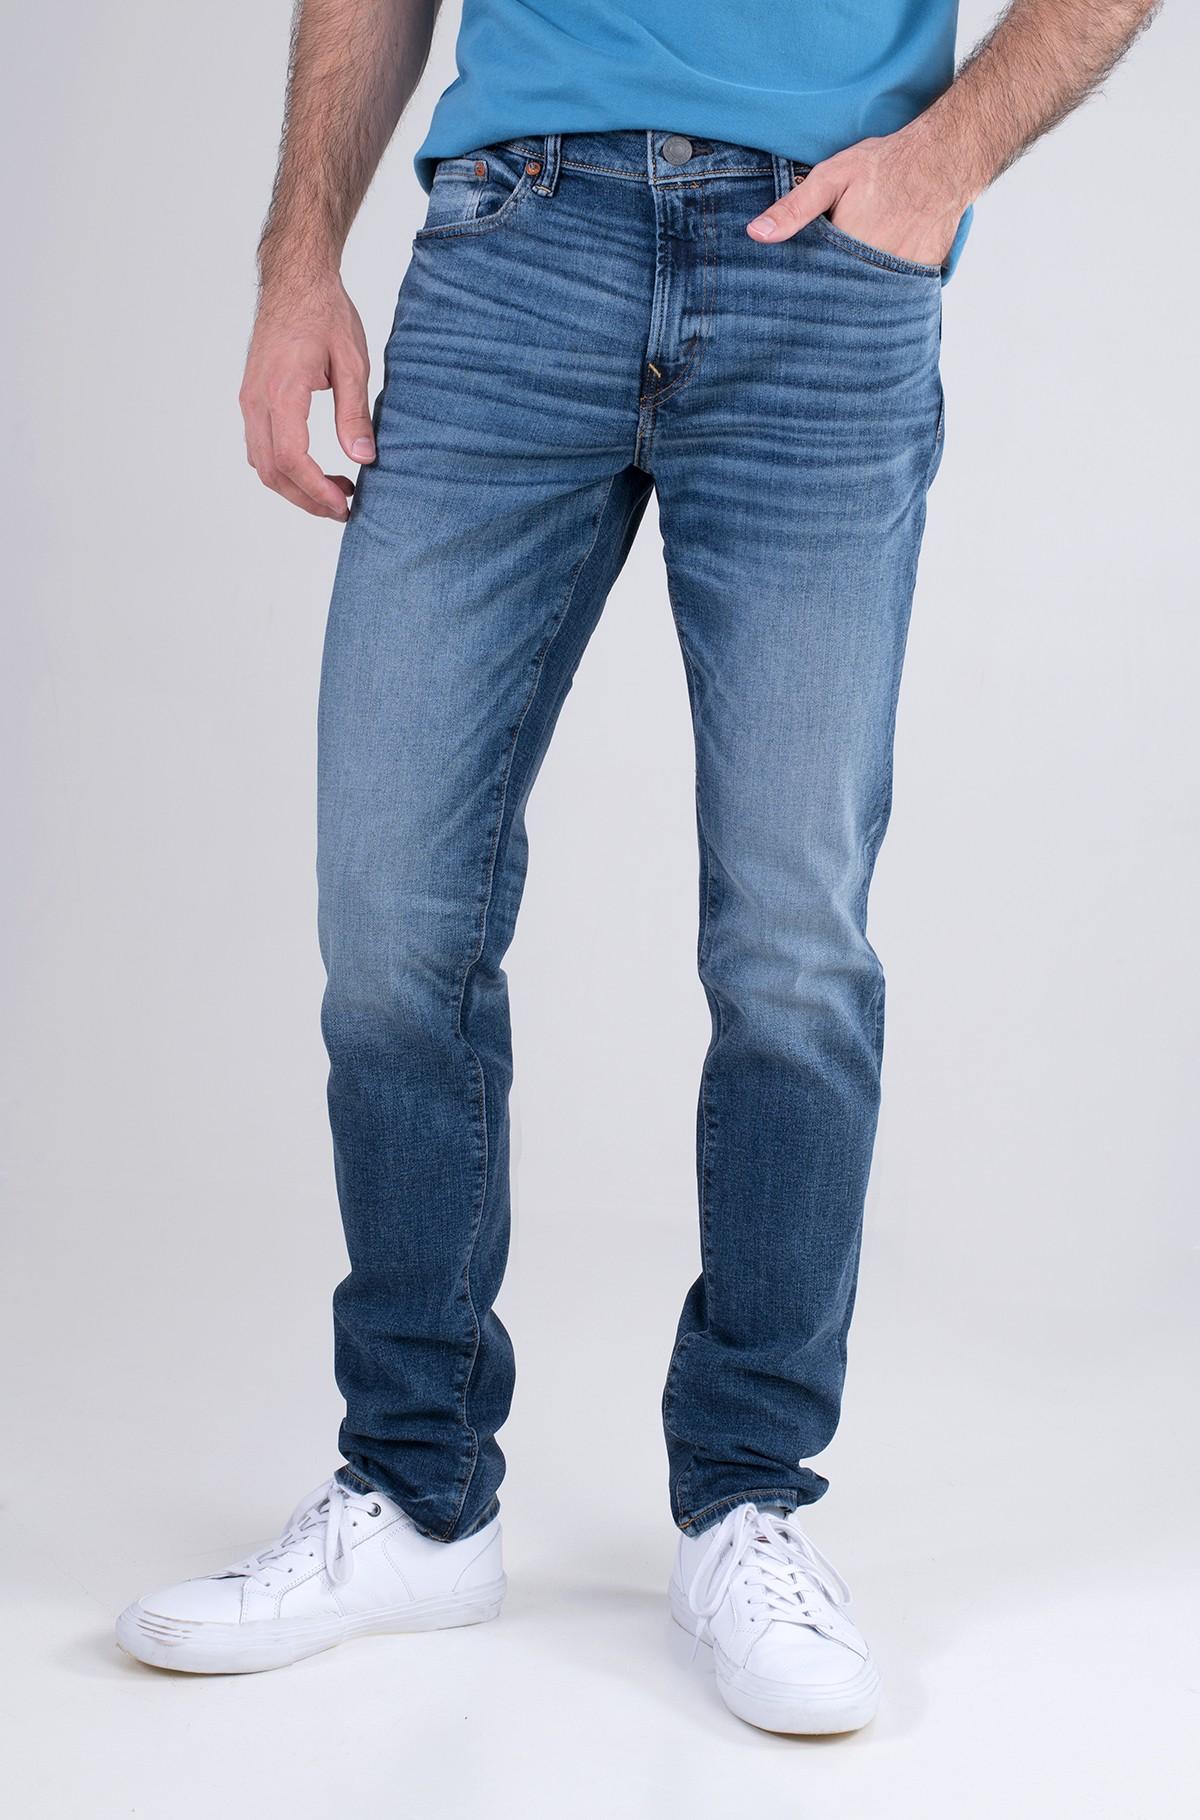 Jeans 011-0117-5443-full-1